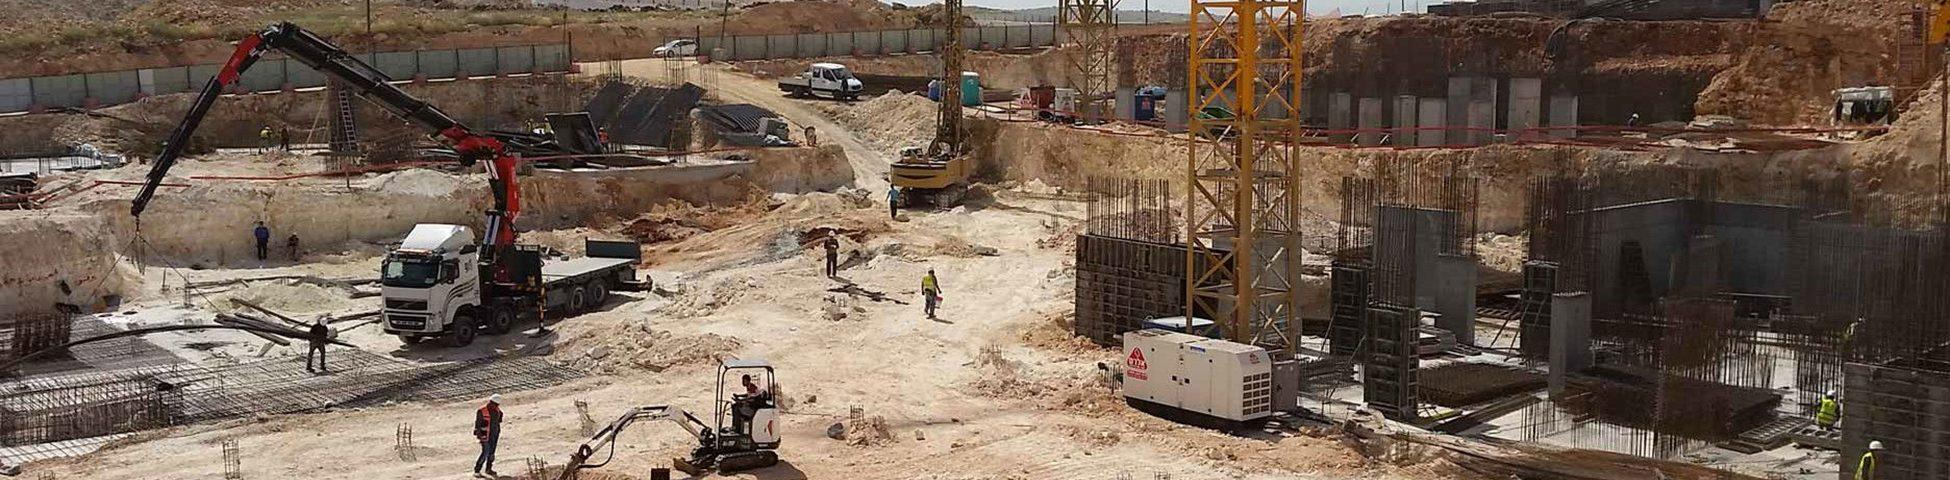 אתר בנייה ובמרכזו גנרטור עוצמתי מושכר מחברת אלרם